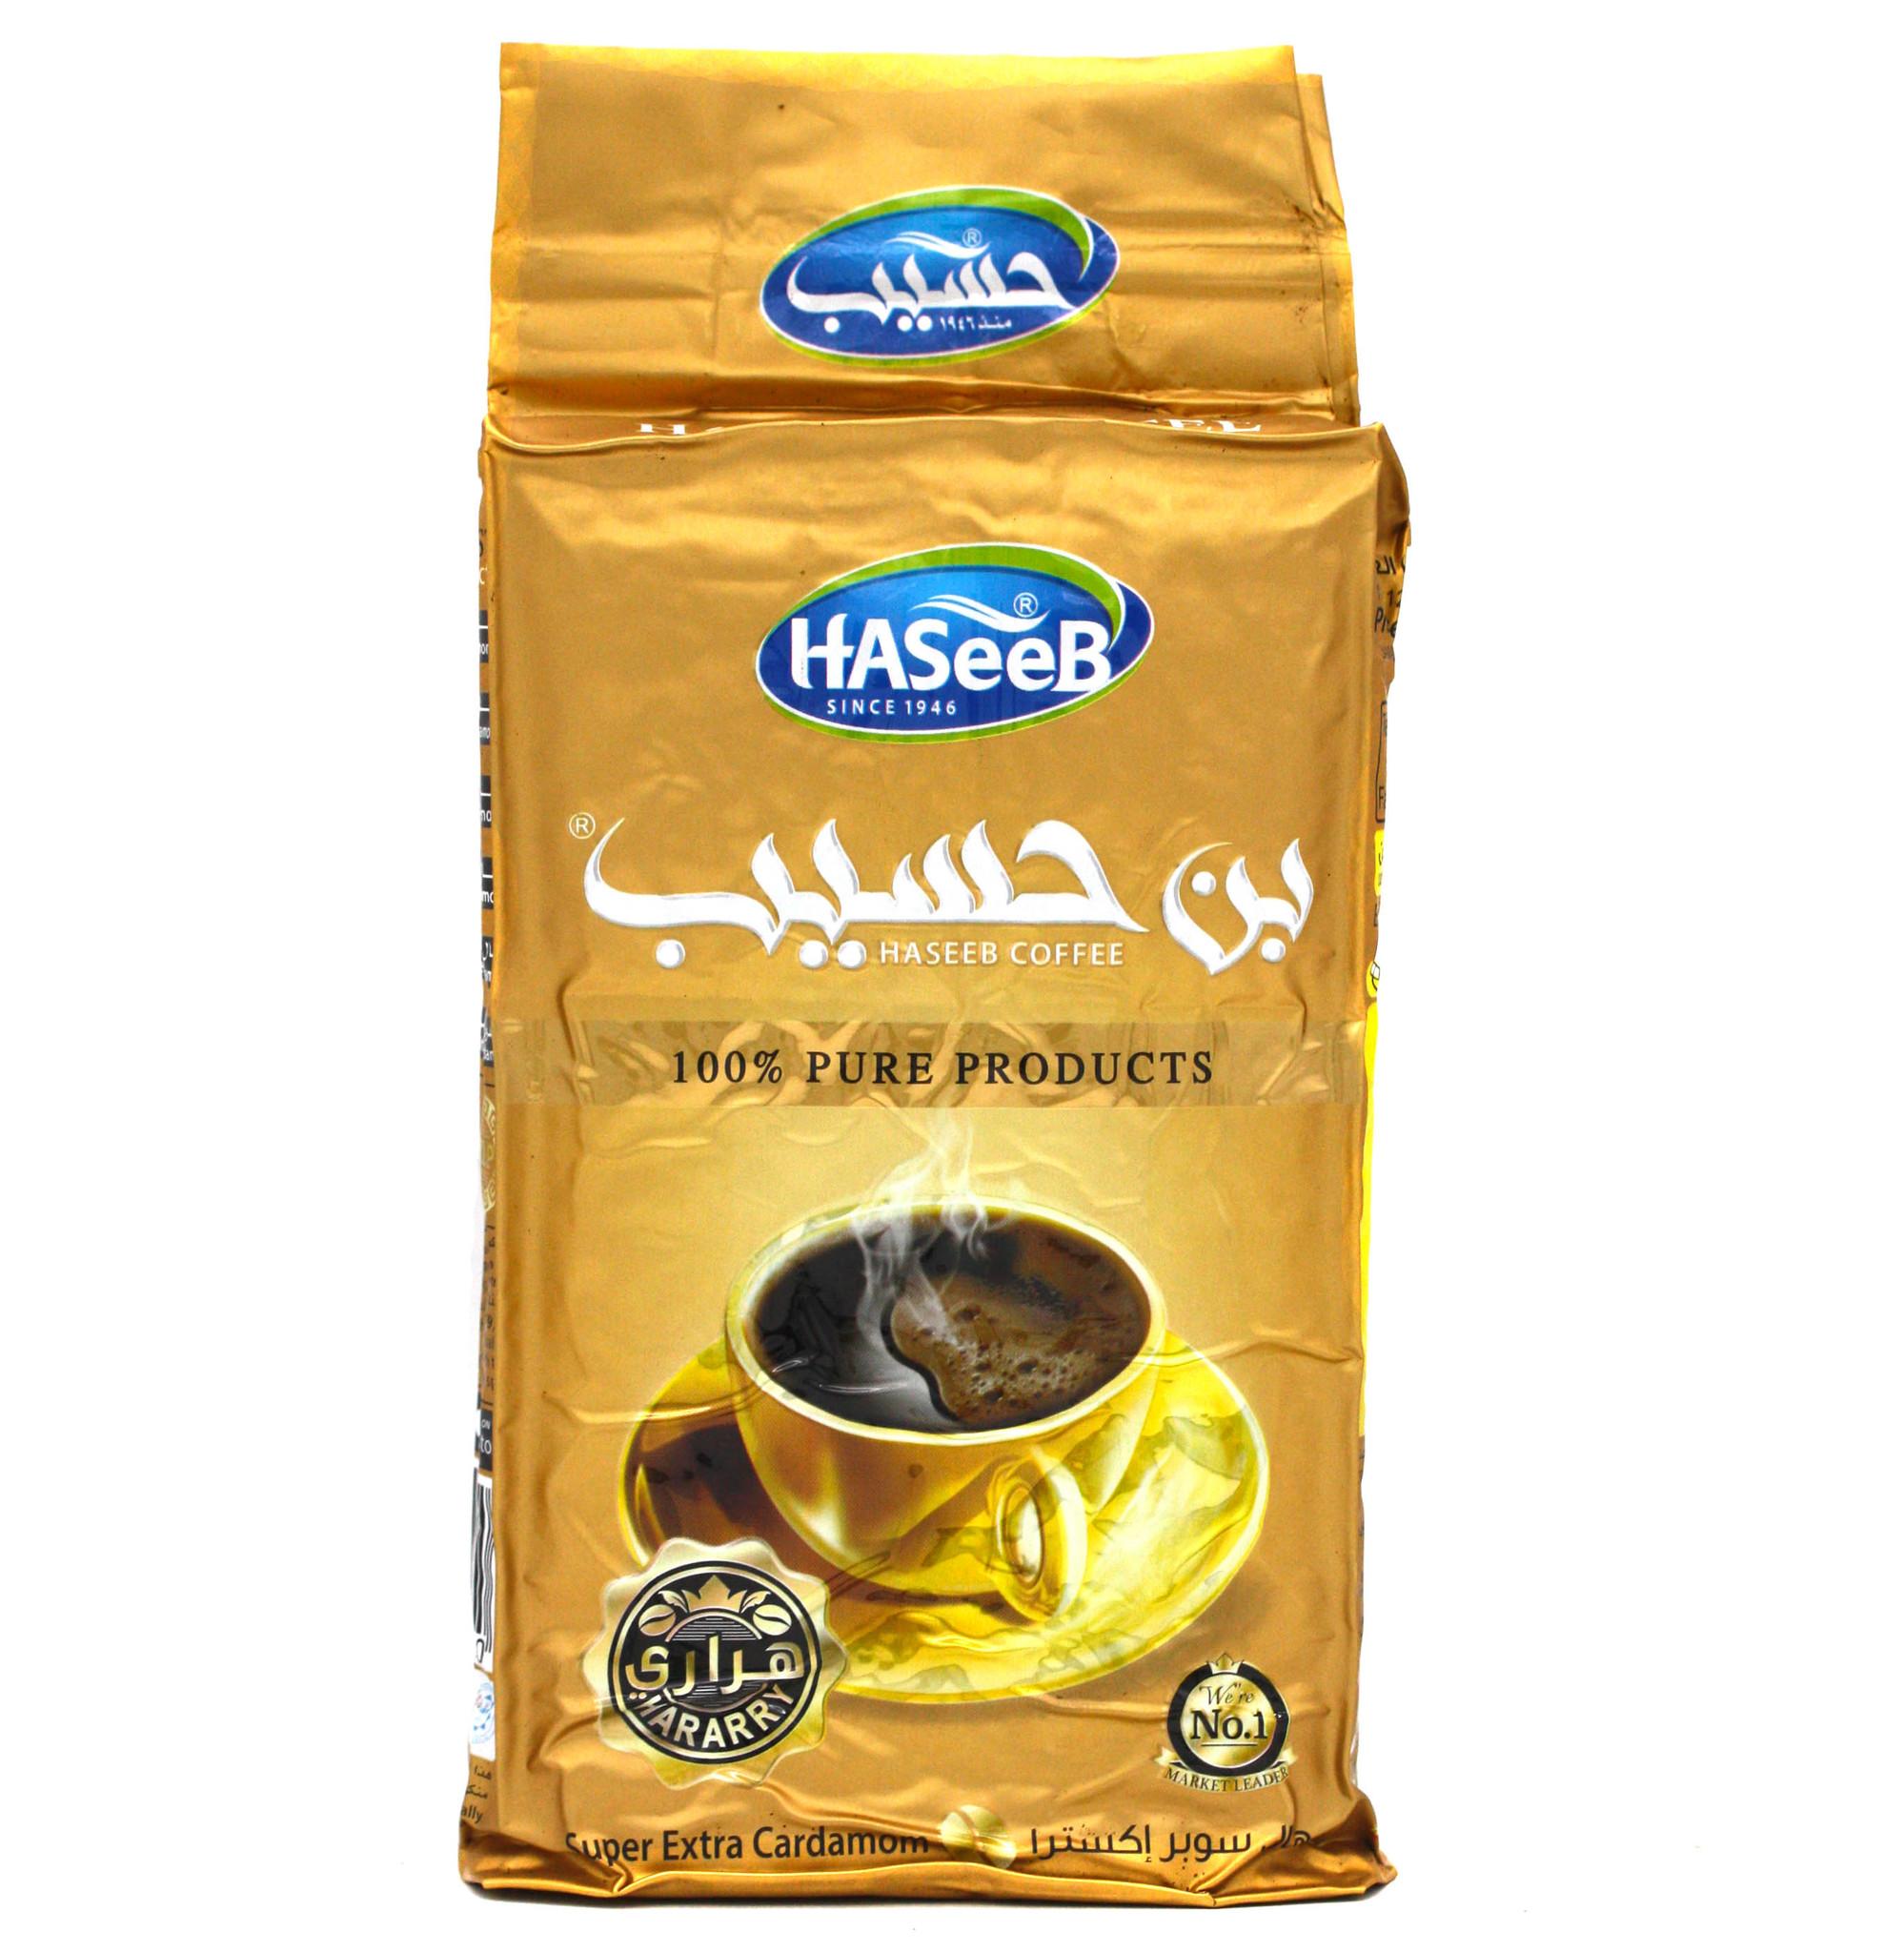 Кофе молотый Арабский кофе Super Extra Cardamom, Haseeb, 500 г import_files_1e_1ef3f6791b1a11e9a9a6484d7ecee297_1ef3f6931b1a11e9a9a6484d7ecee297.jpg